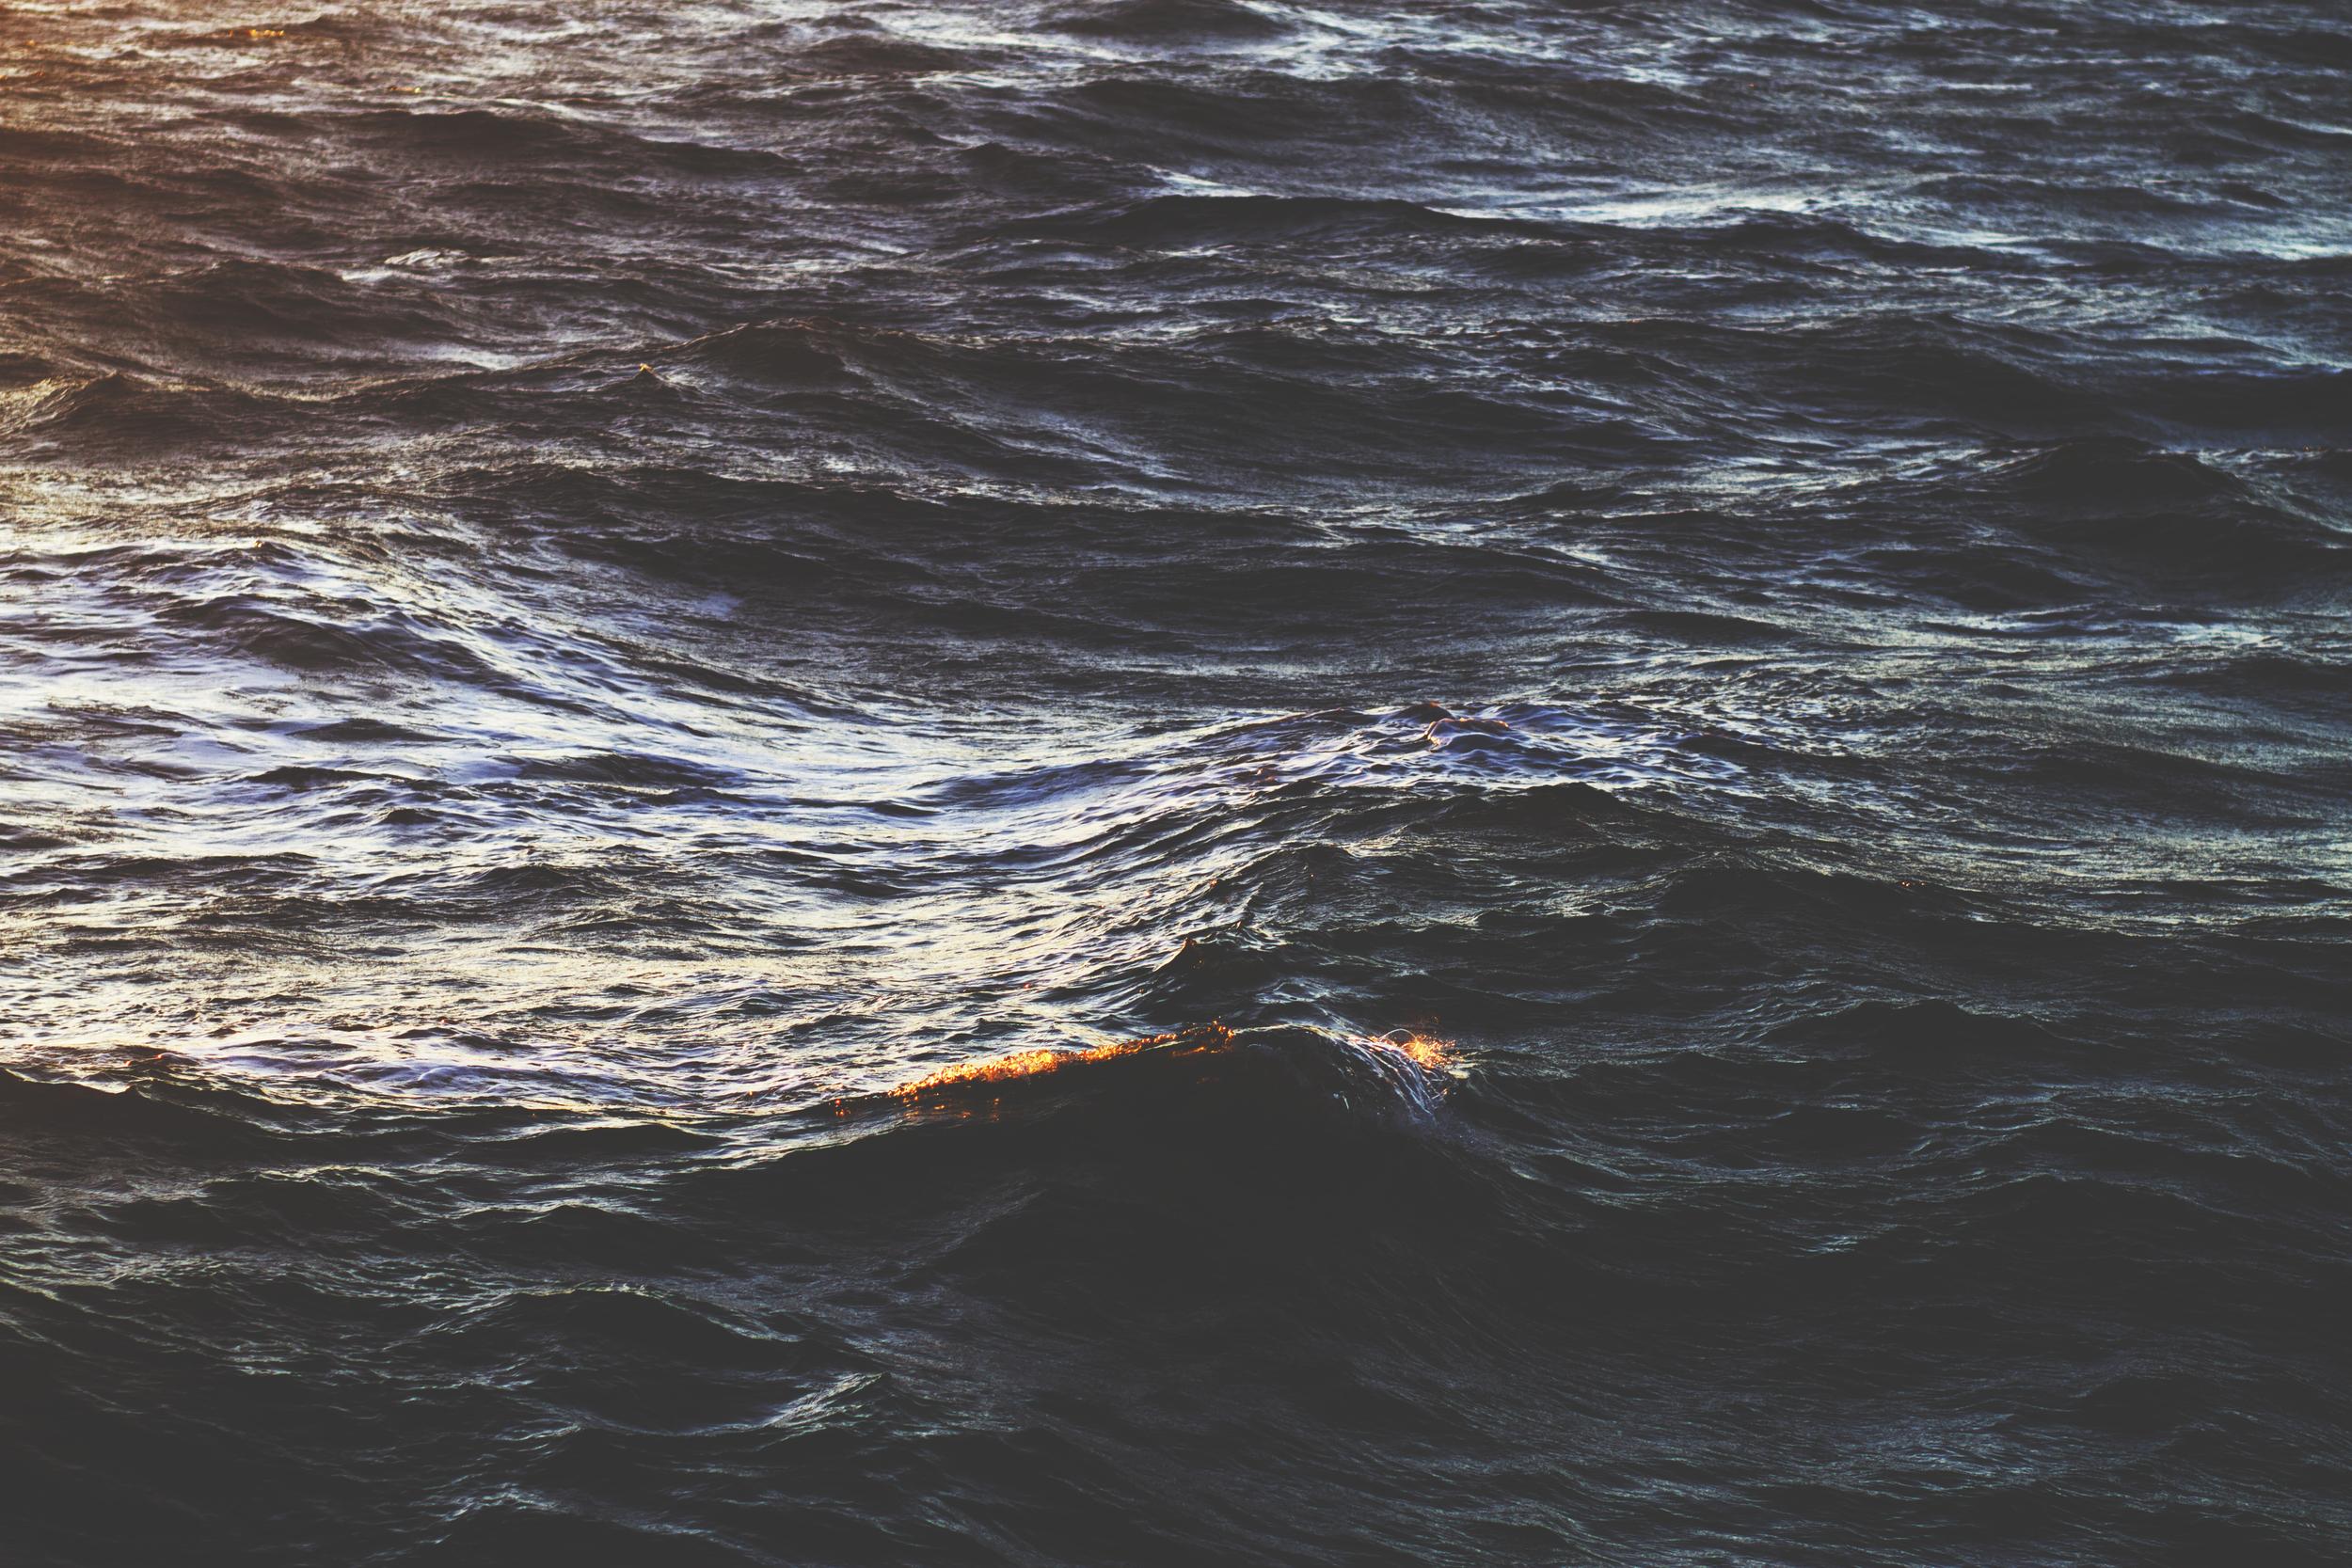 waves #08.jpg